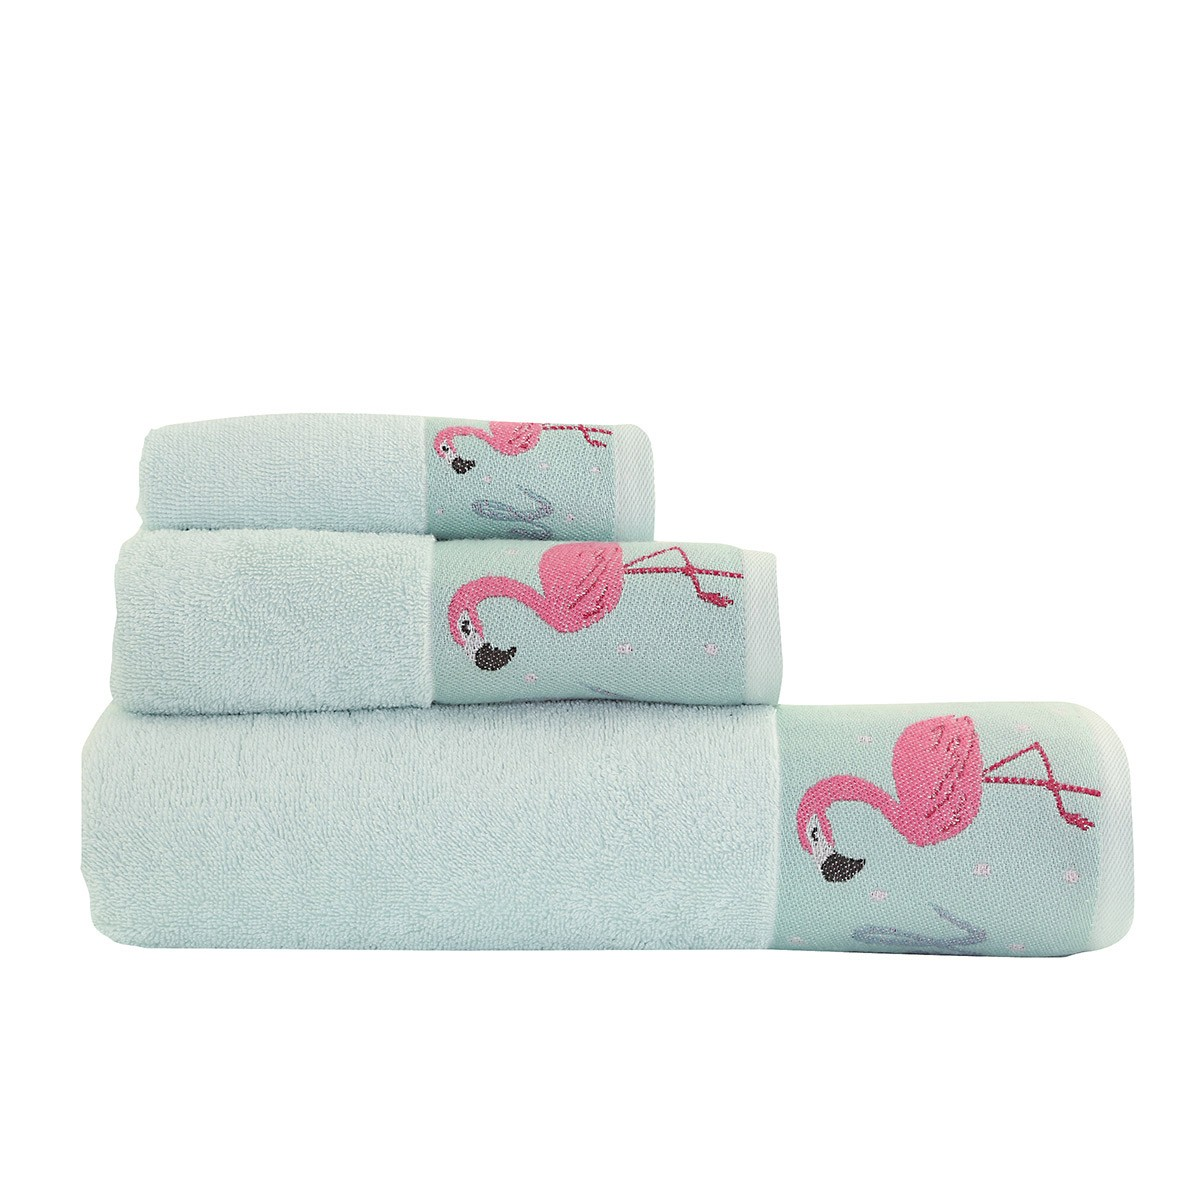 Πετσέτες Μπάνιου (Σετ 3τμχ) Nef-Nef Flamingo 88701